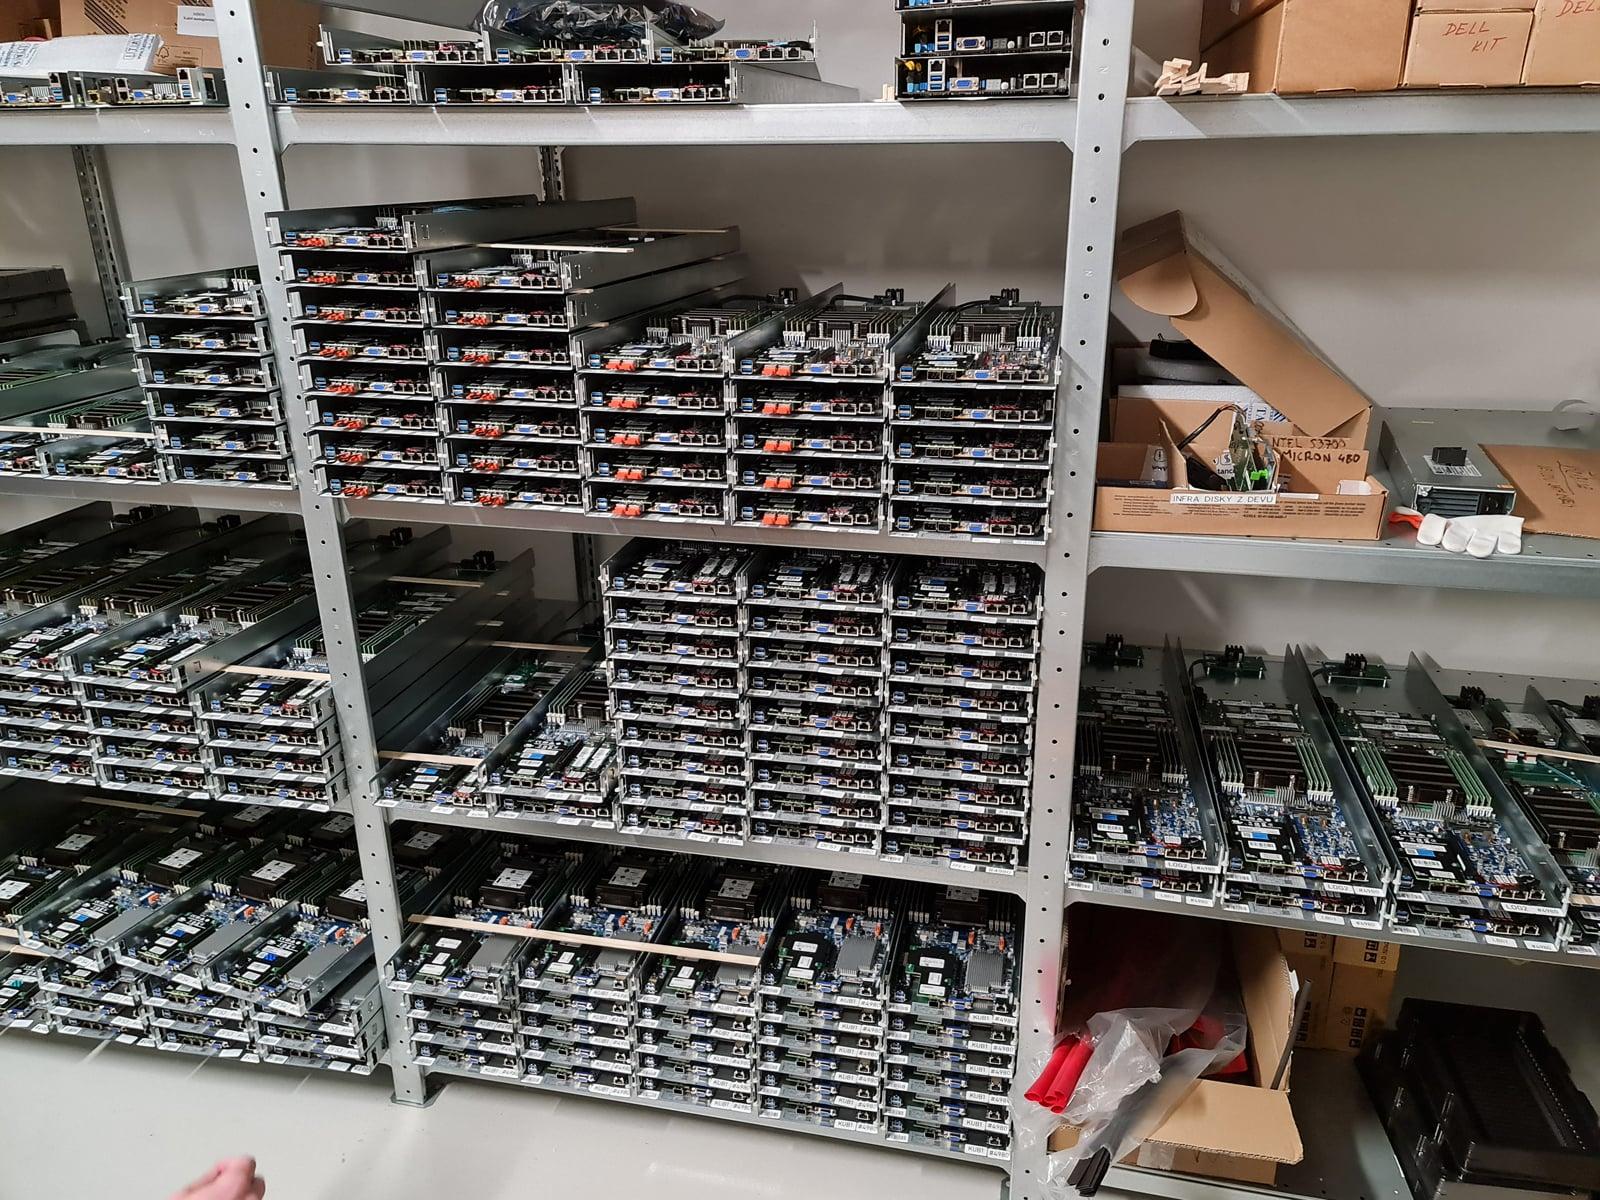 Montovna: Seznam a jeho výroba vlastních serverů